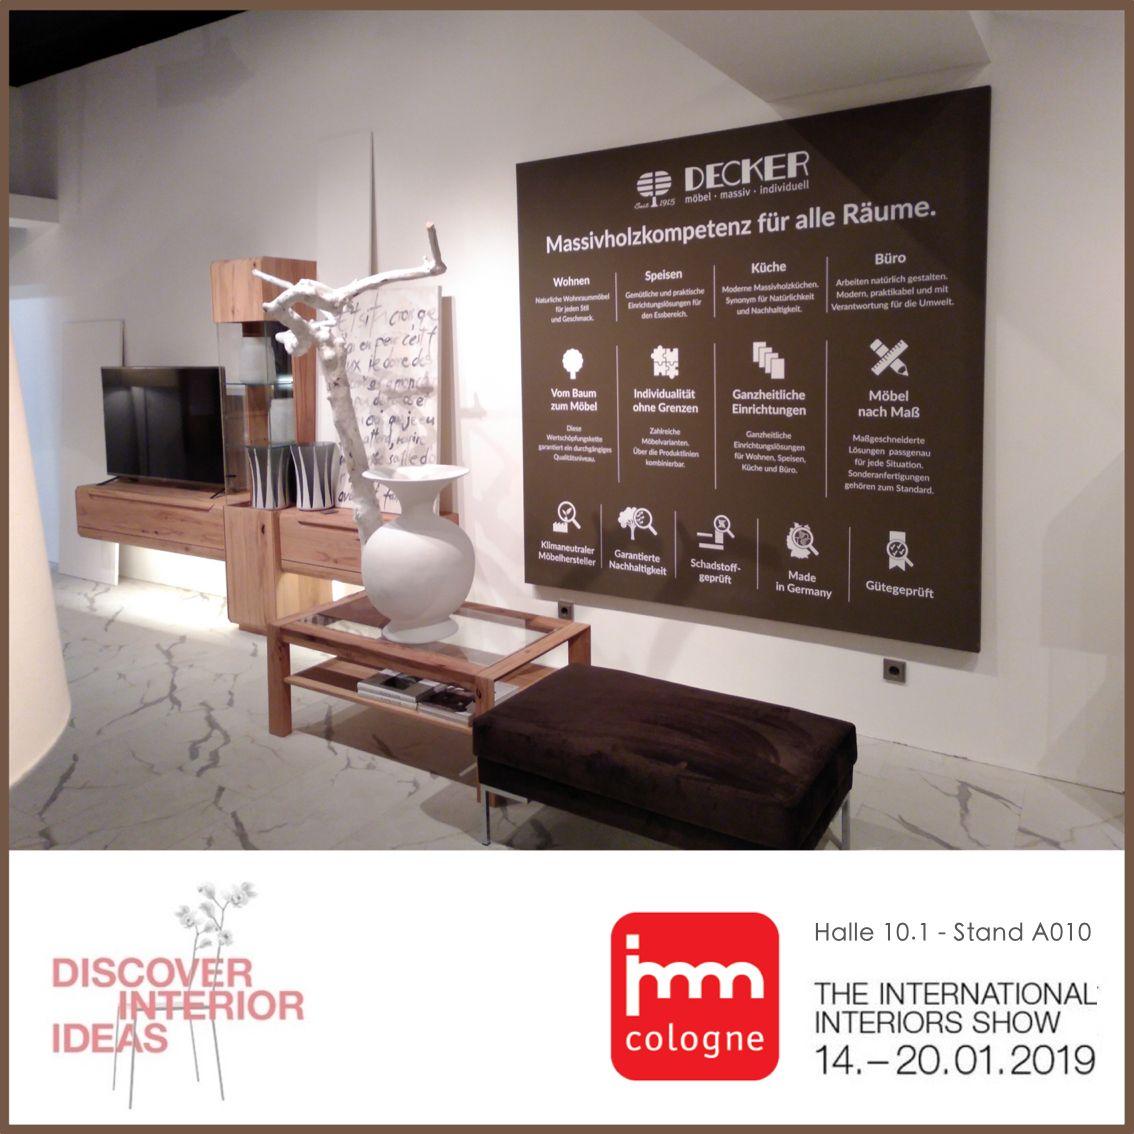 Viele Grusse Von Der Internationalen Mobelmesse In Koln Vom 14 01 20 01 Stehen Wir Ihnen Vor Ort Zur Verfugung Wir Fr Einrichtung Design Furniture